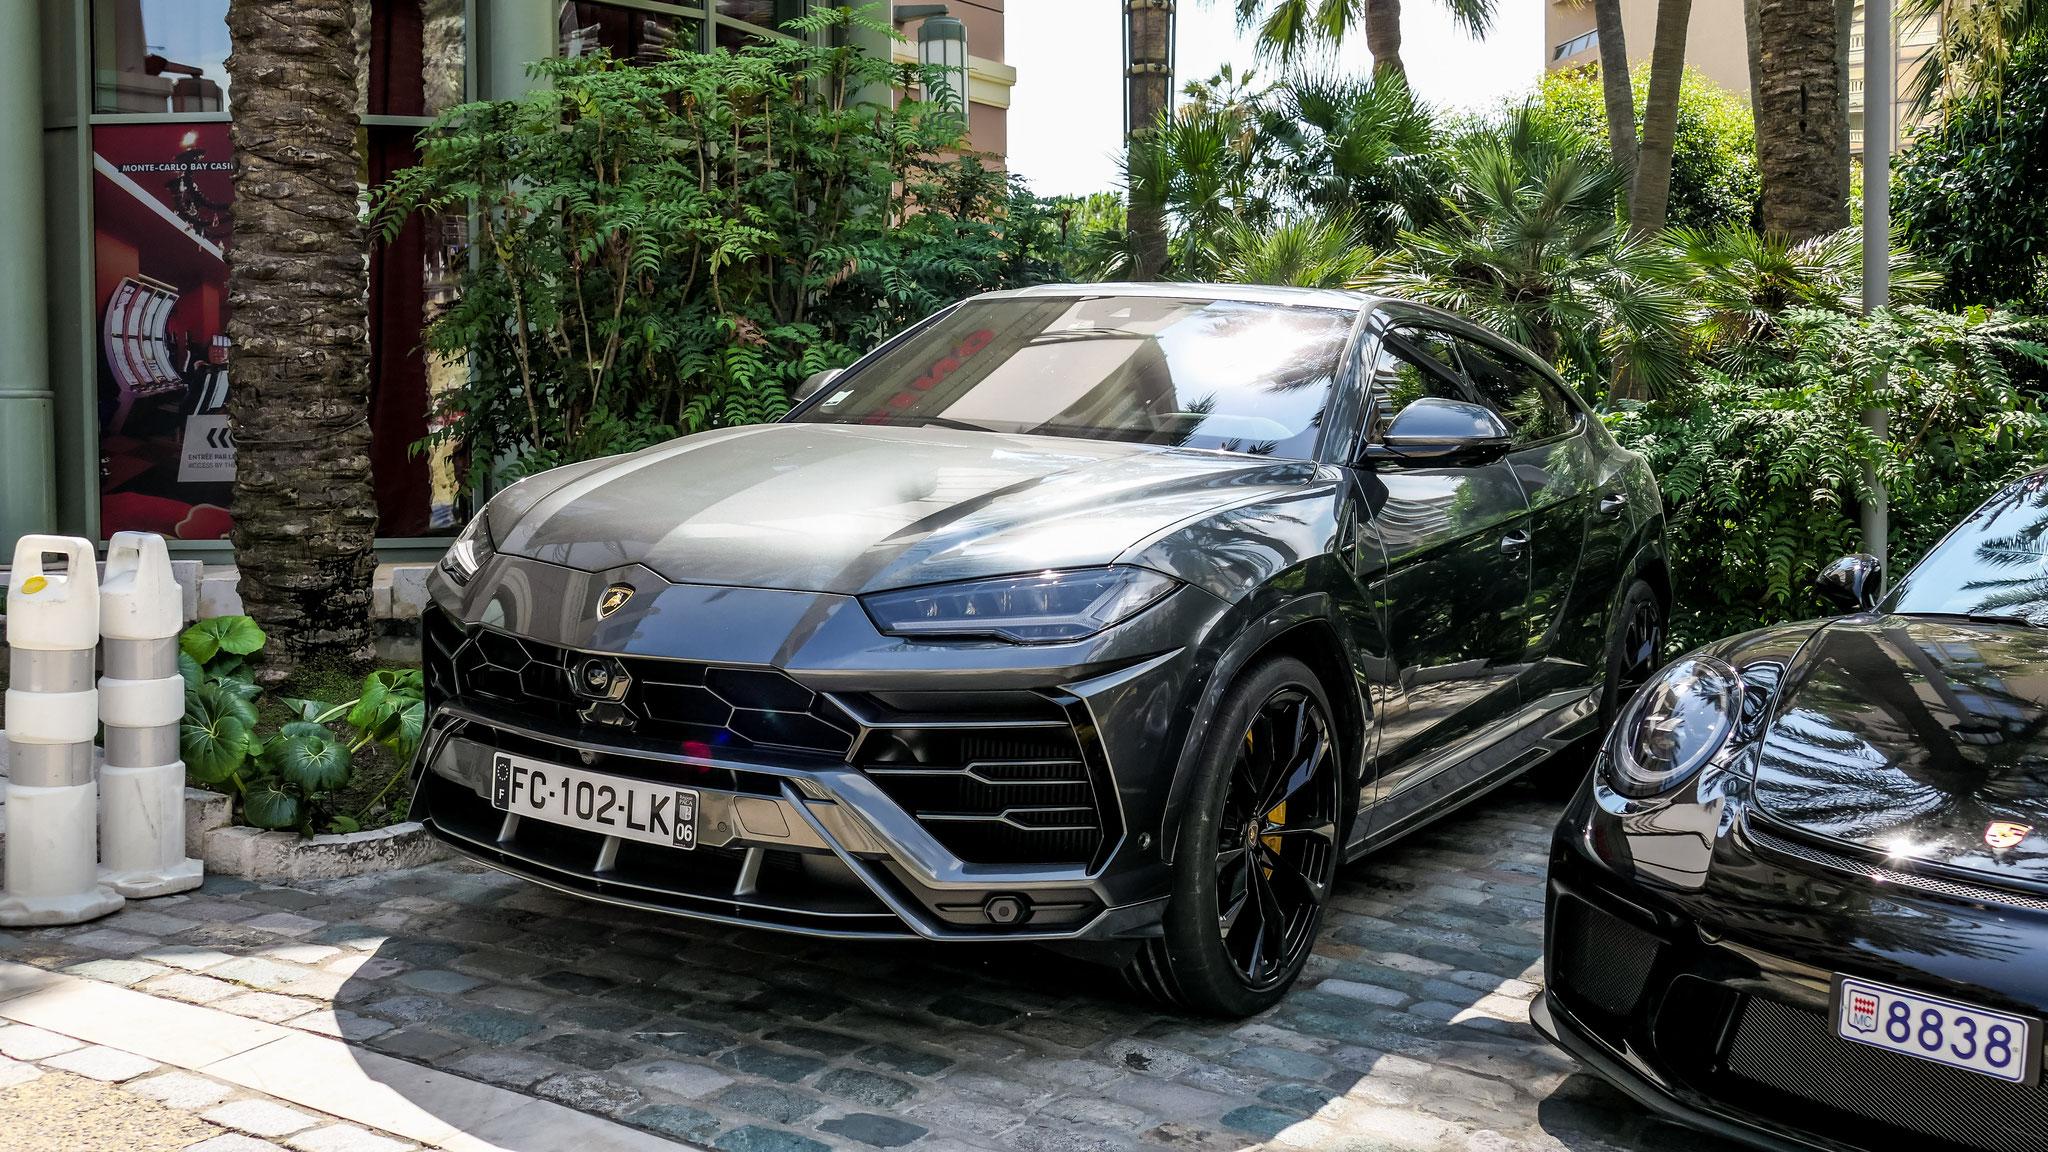 Lamborghini Urus - FC-102-LK-06 (FRA)